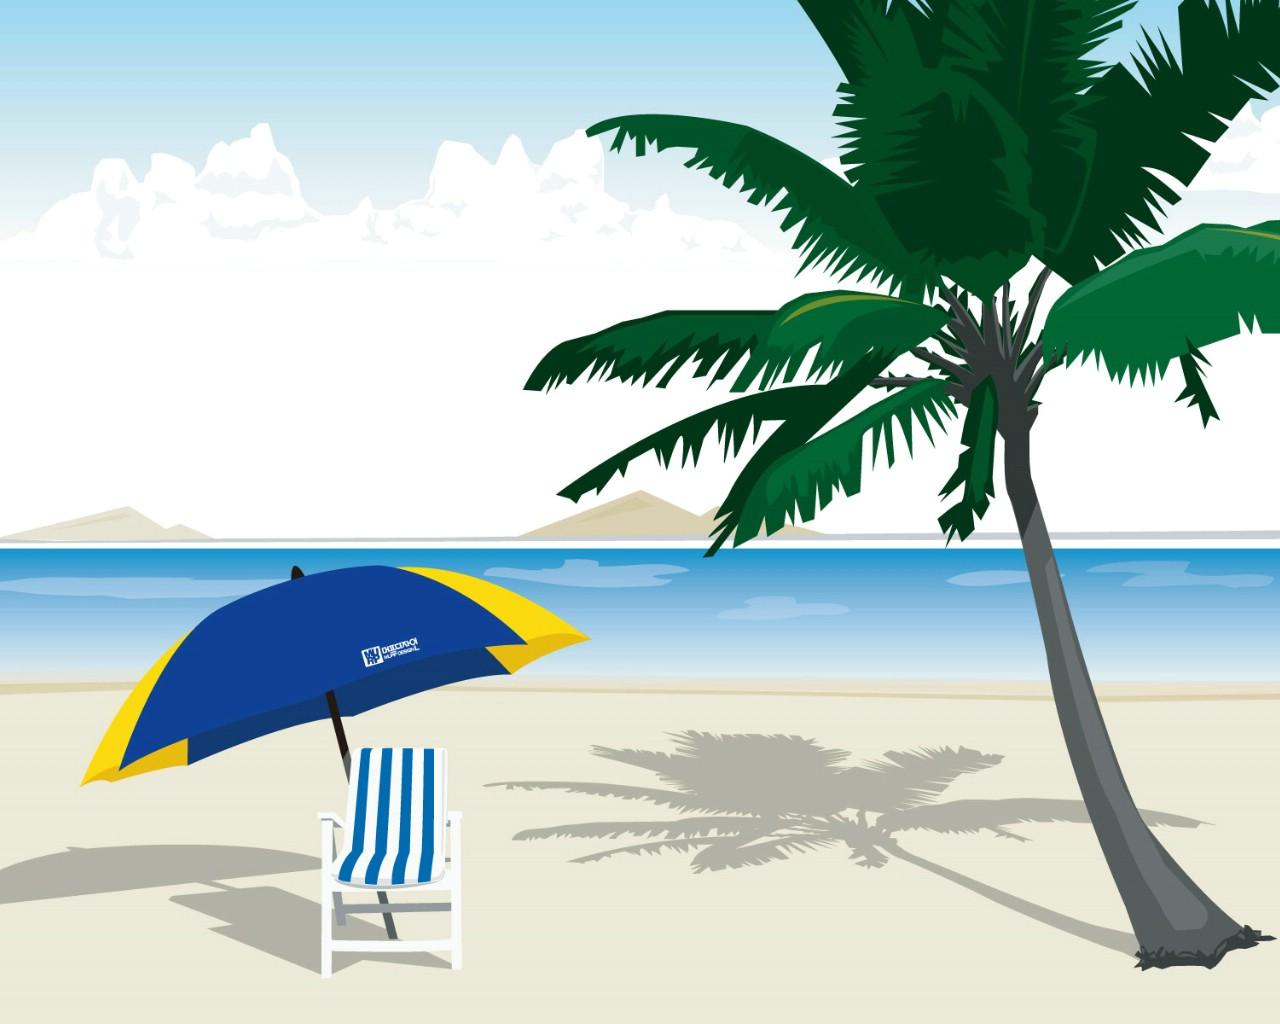 壁纸1280×1024矢量夏日海滩 1 13壁纸 矢量风光 矢量夏日海滩 第一辑壁纸图片矢量壁纸矢量图片素材桌面壁纸